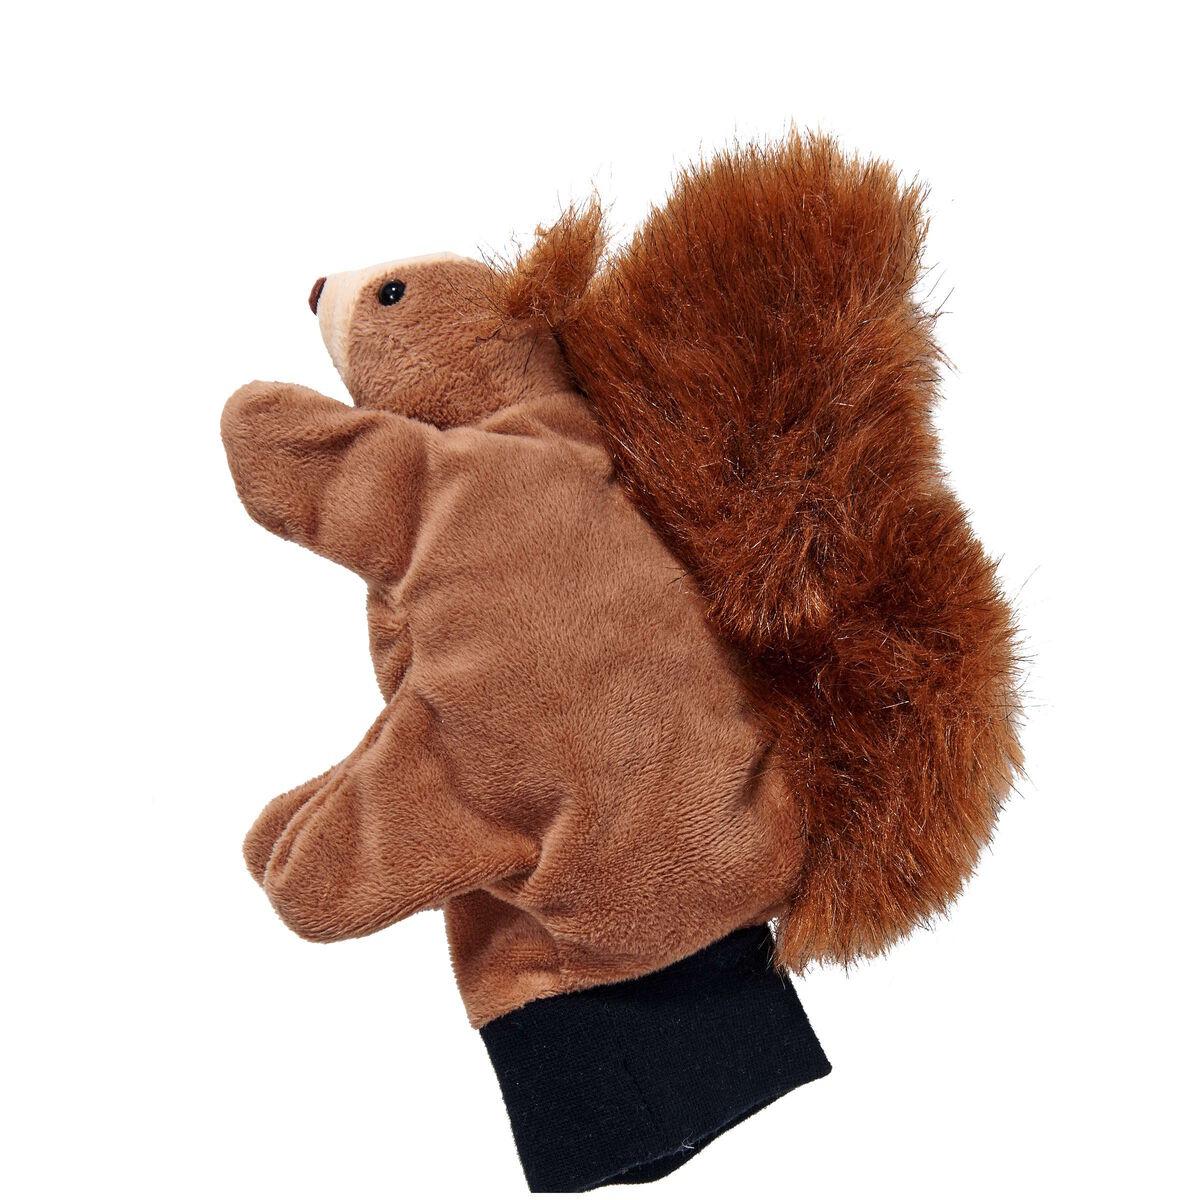 WILD GUYS Handpuppe Eichhörnchen